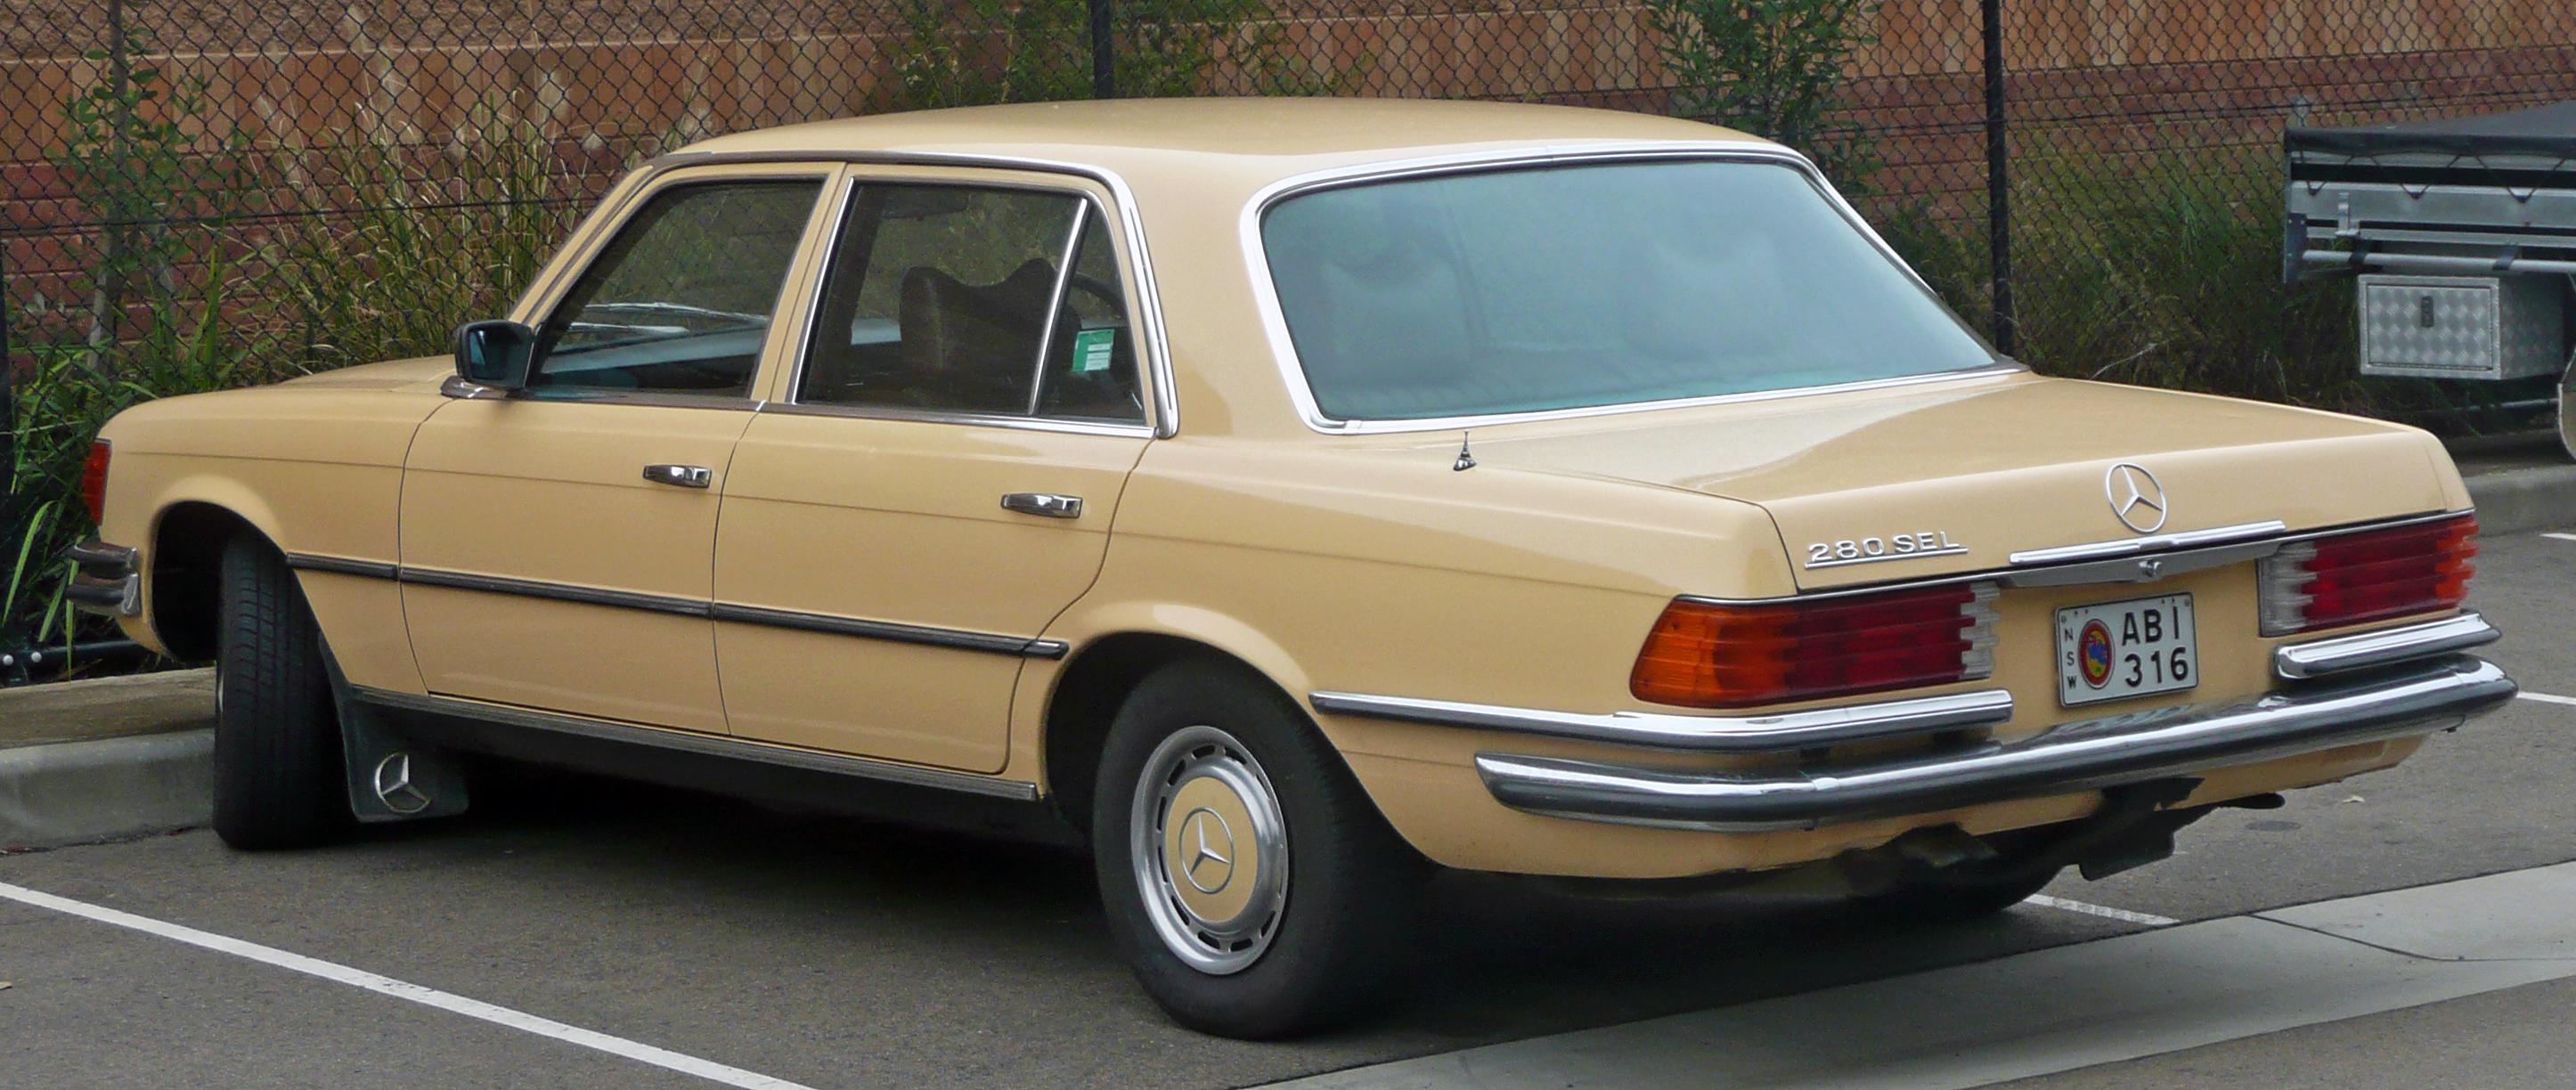 File:1980 Mercedes-Benz 280 SEL (V 116) sedan (2010-06-17 ...